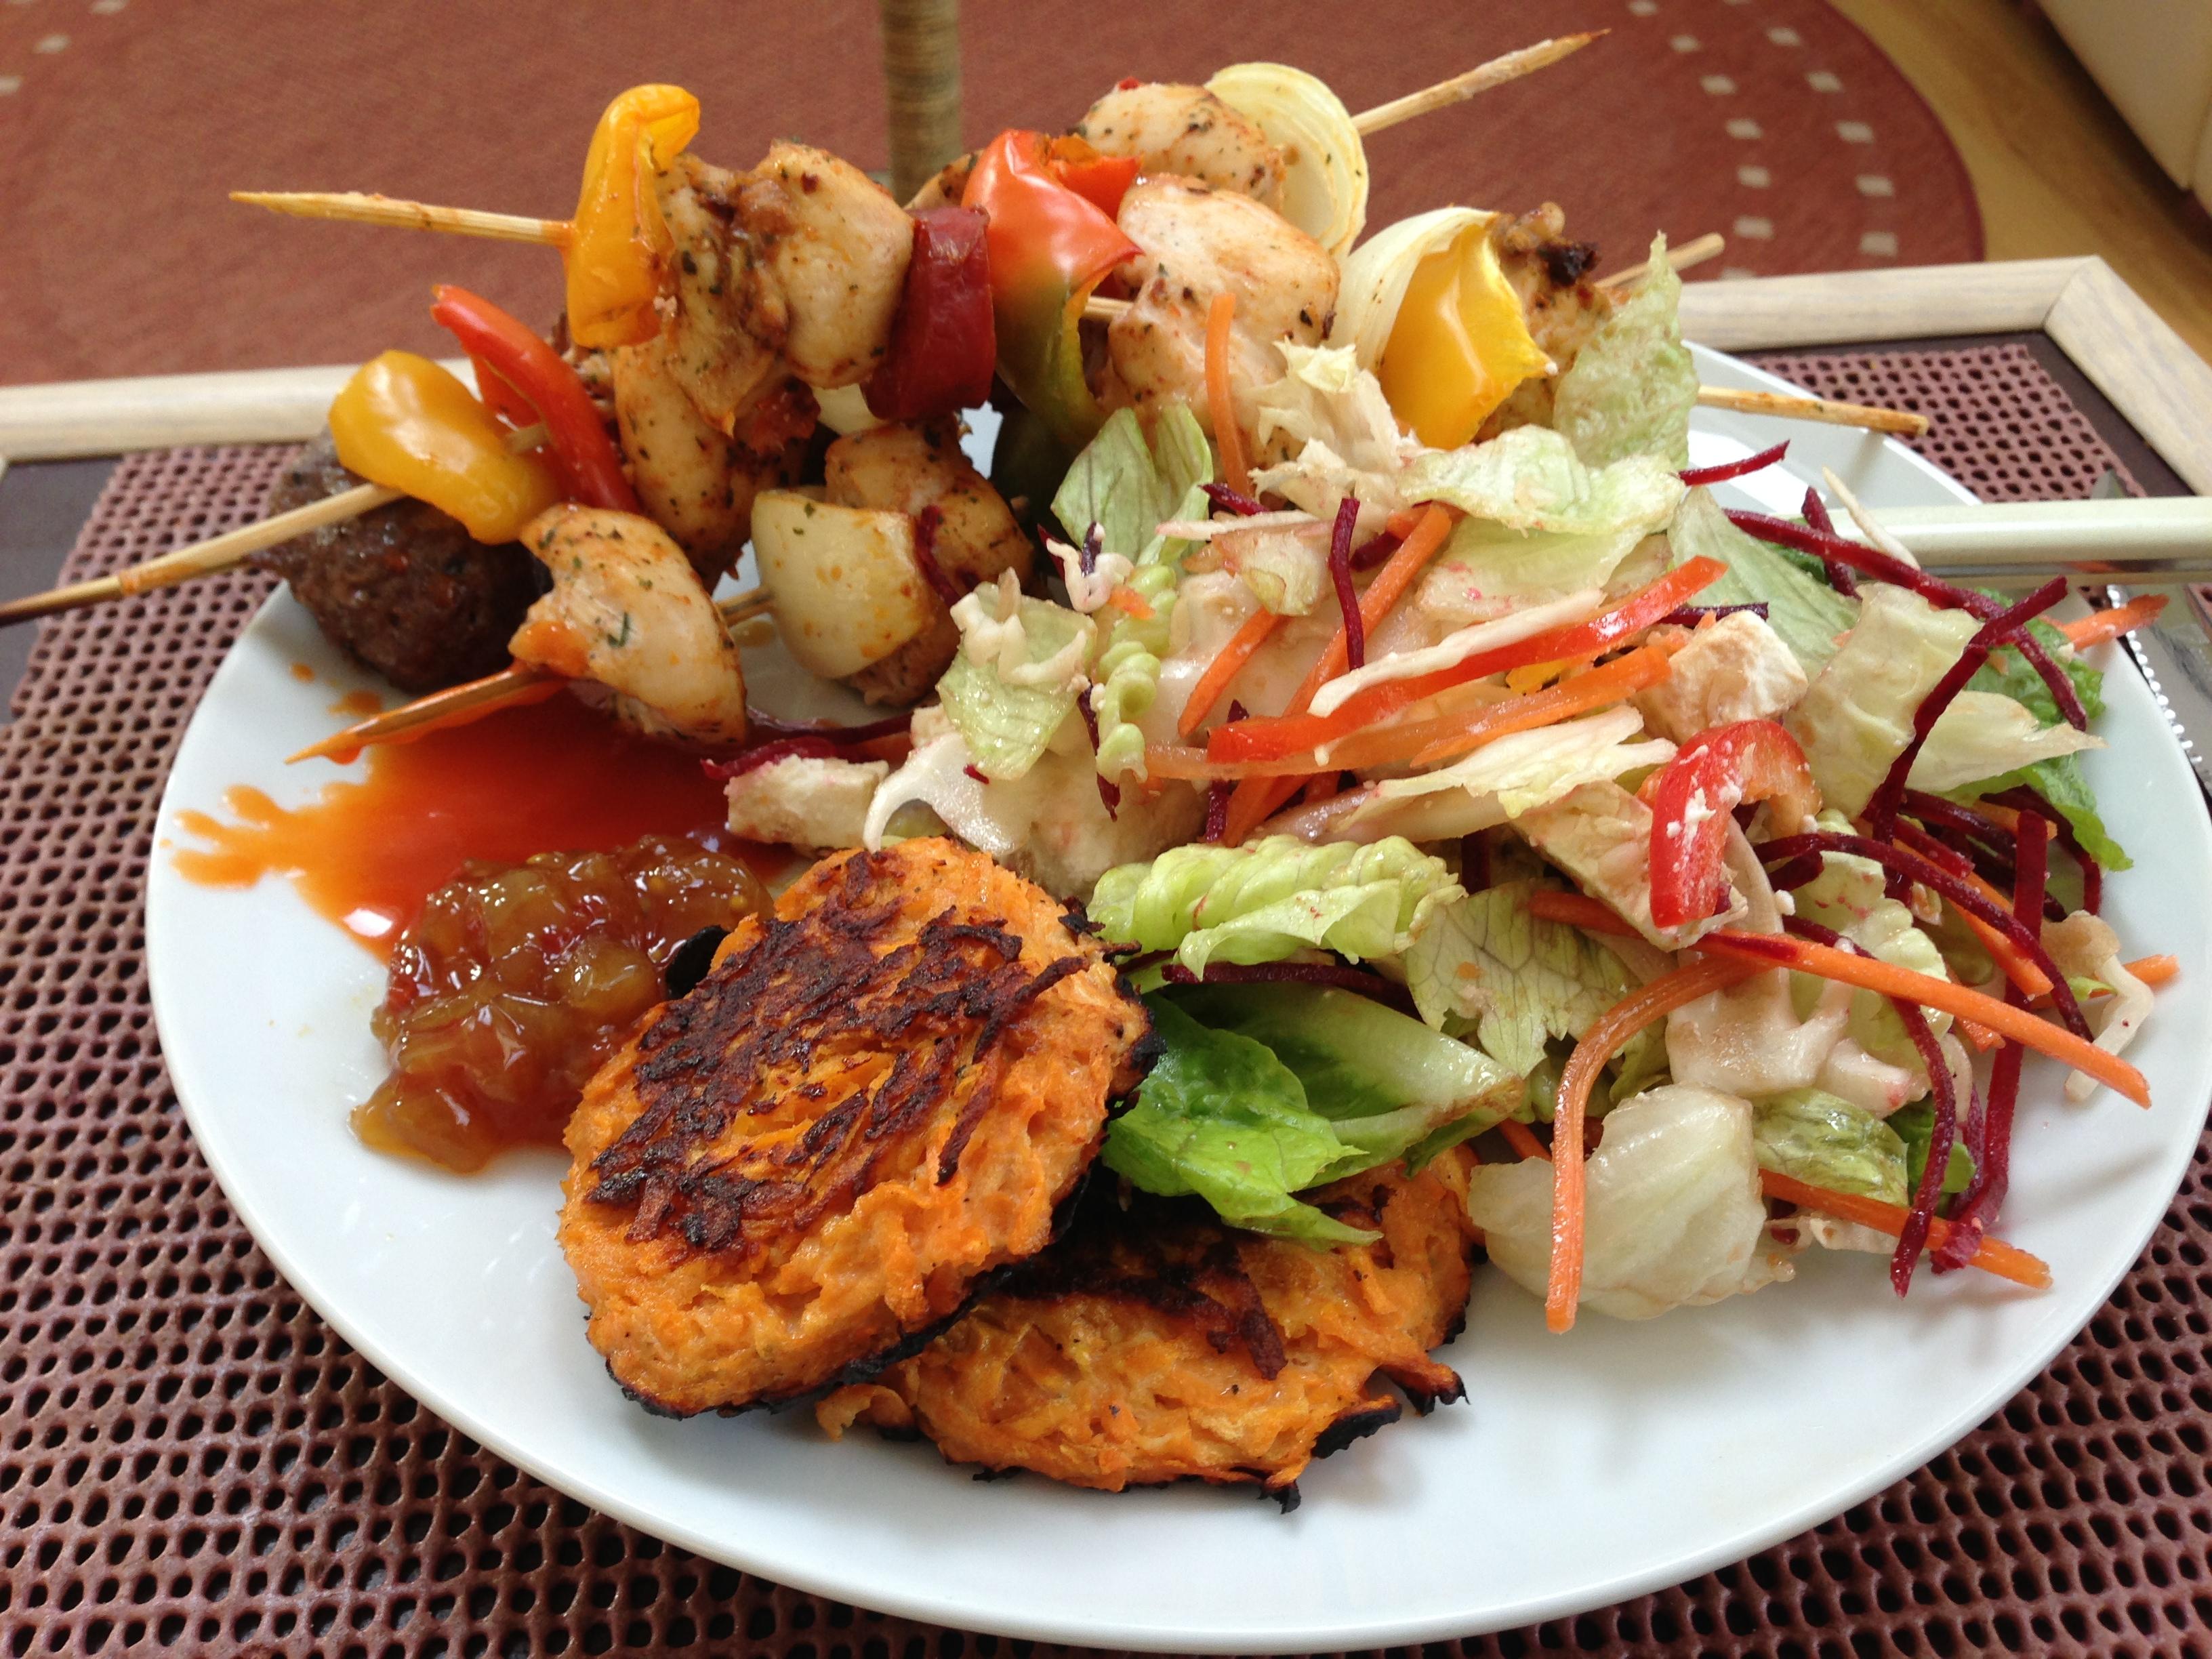 Recetas de cenas creativas y deliciosas mil recetas - Ideas cenas saludables ...